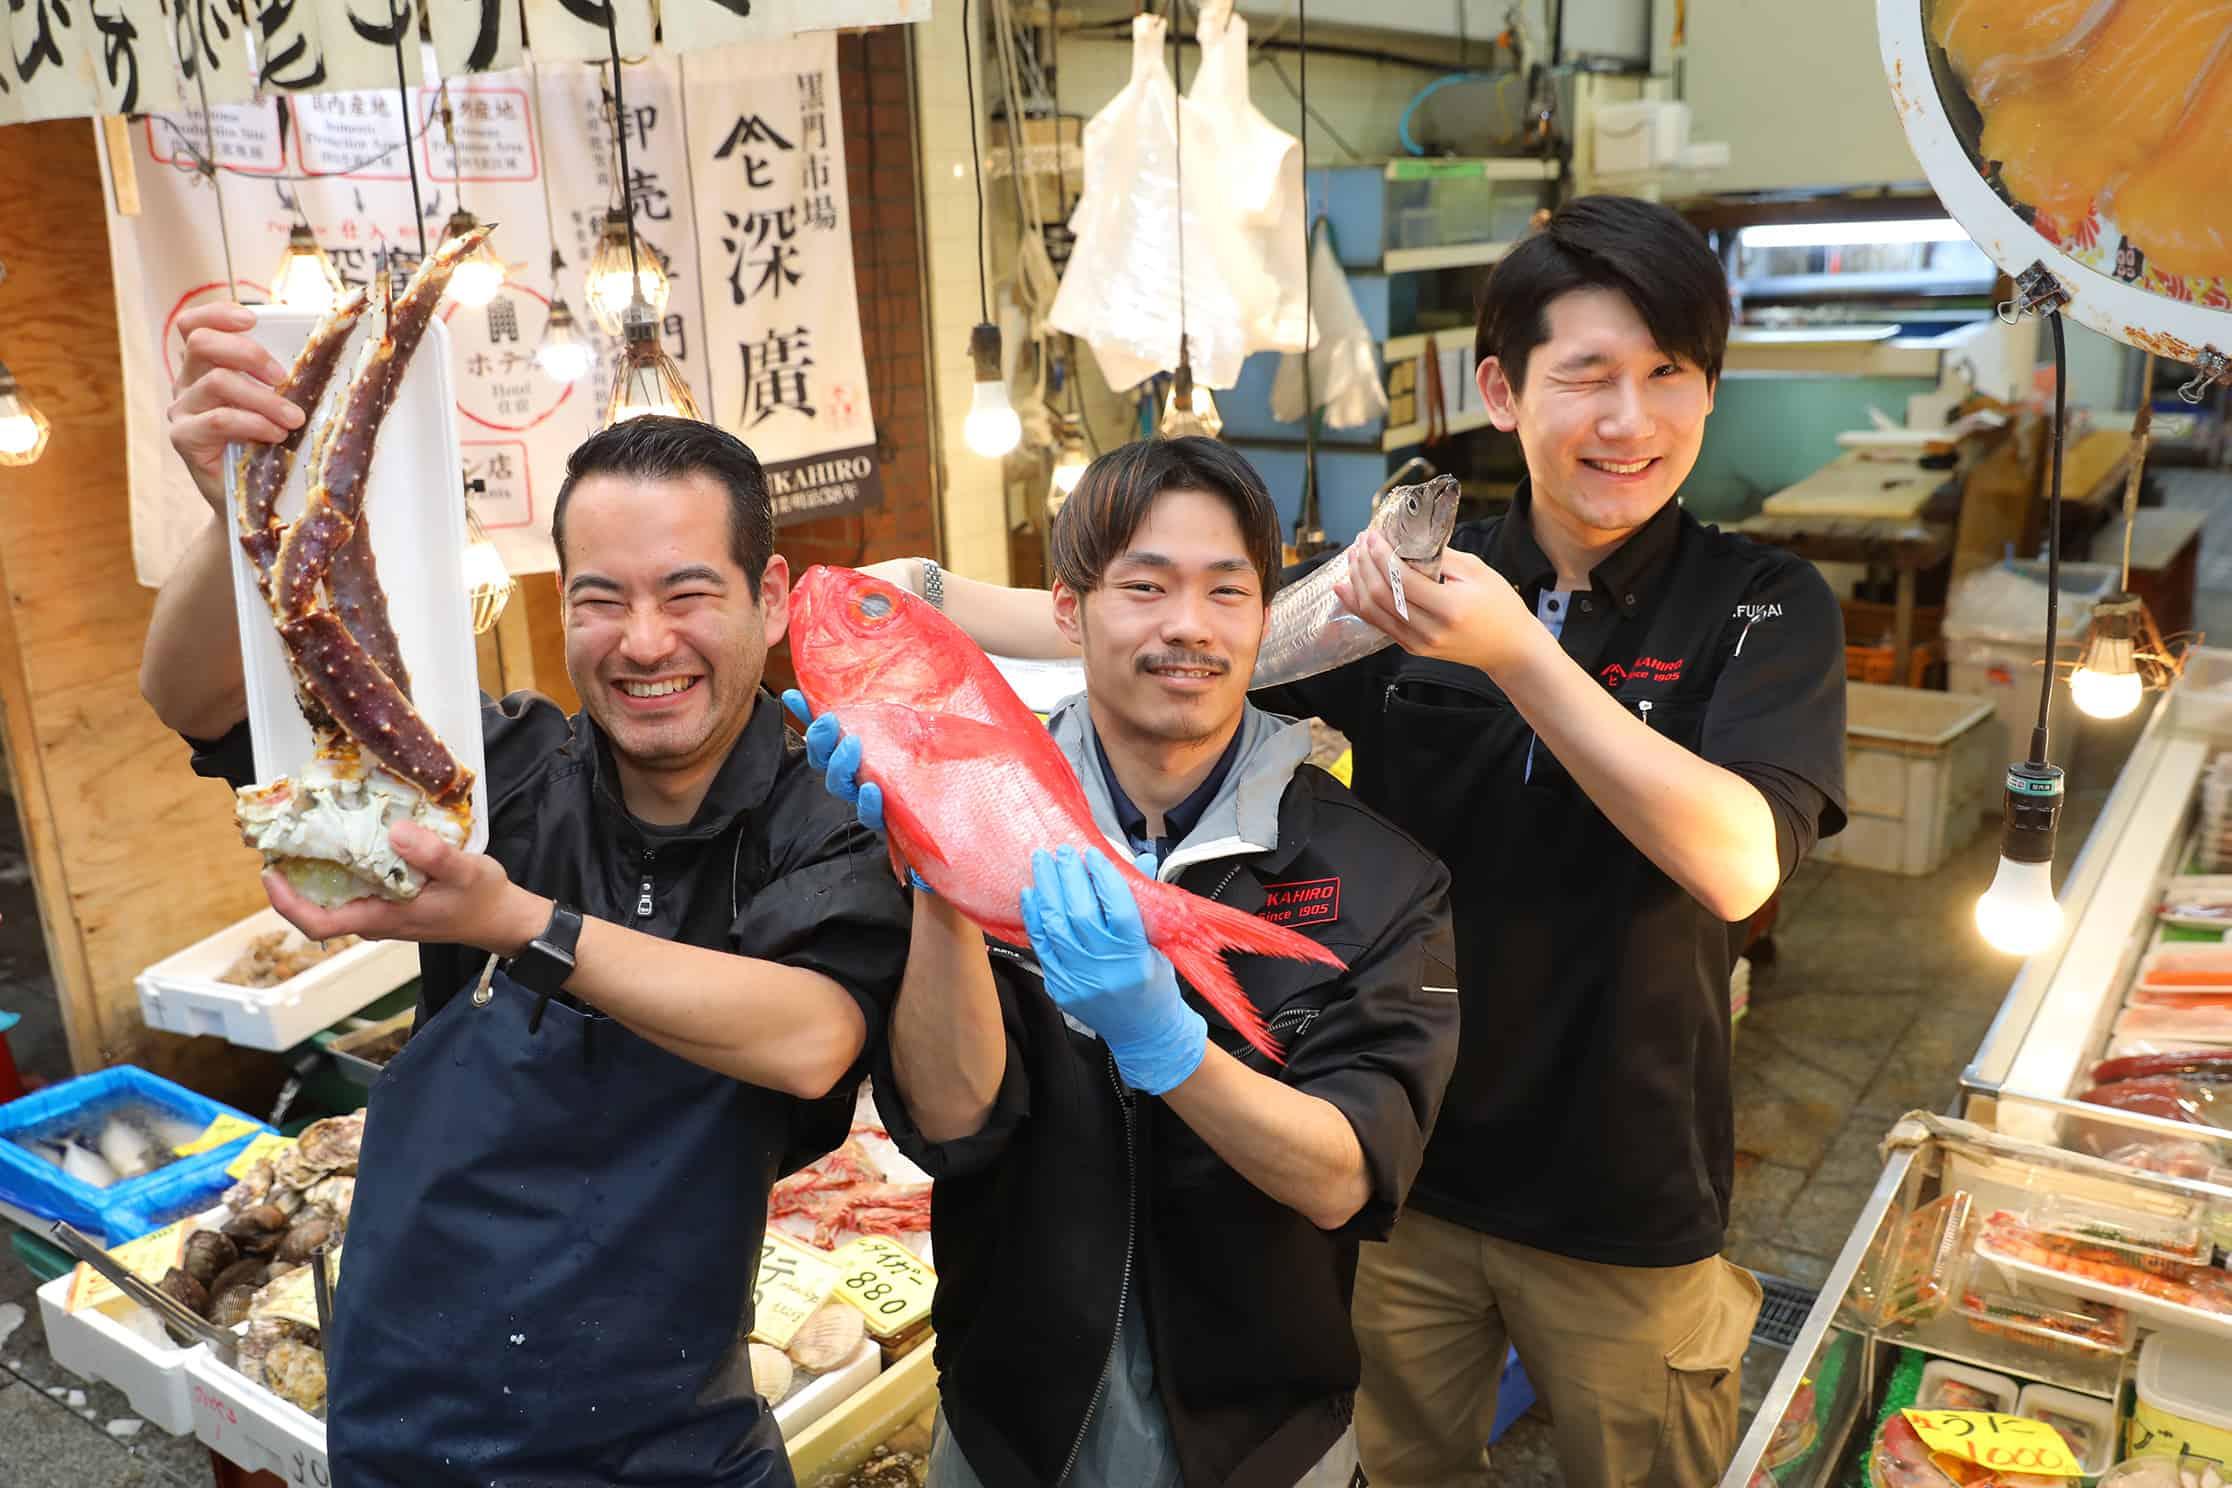 ร้านข้าวหน้าปลาดิบ Fukahiro (深廣) - ตลาดปลาคุโรมง (Kuromon Fish Market)